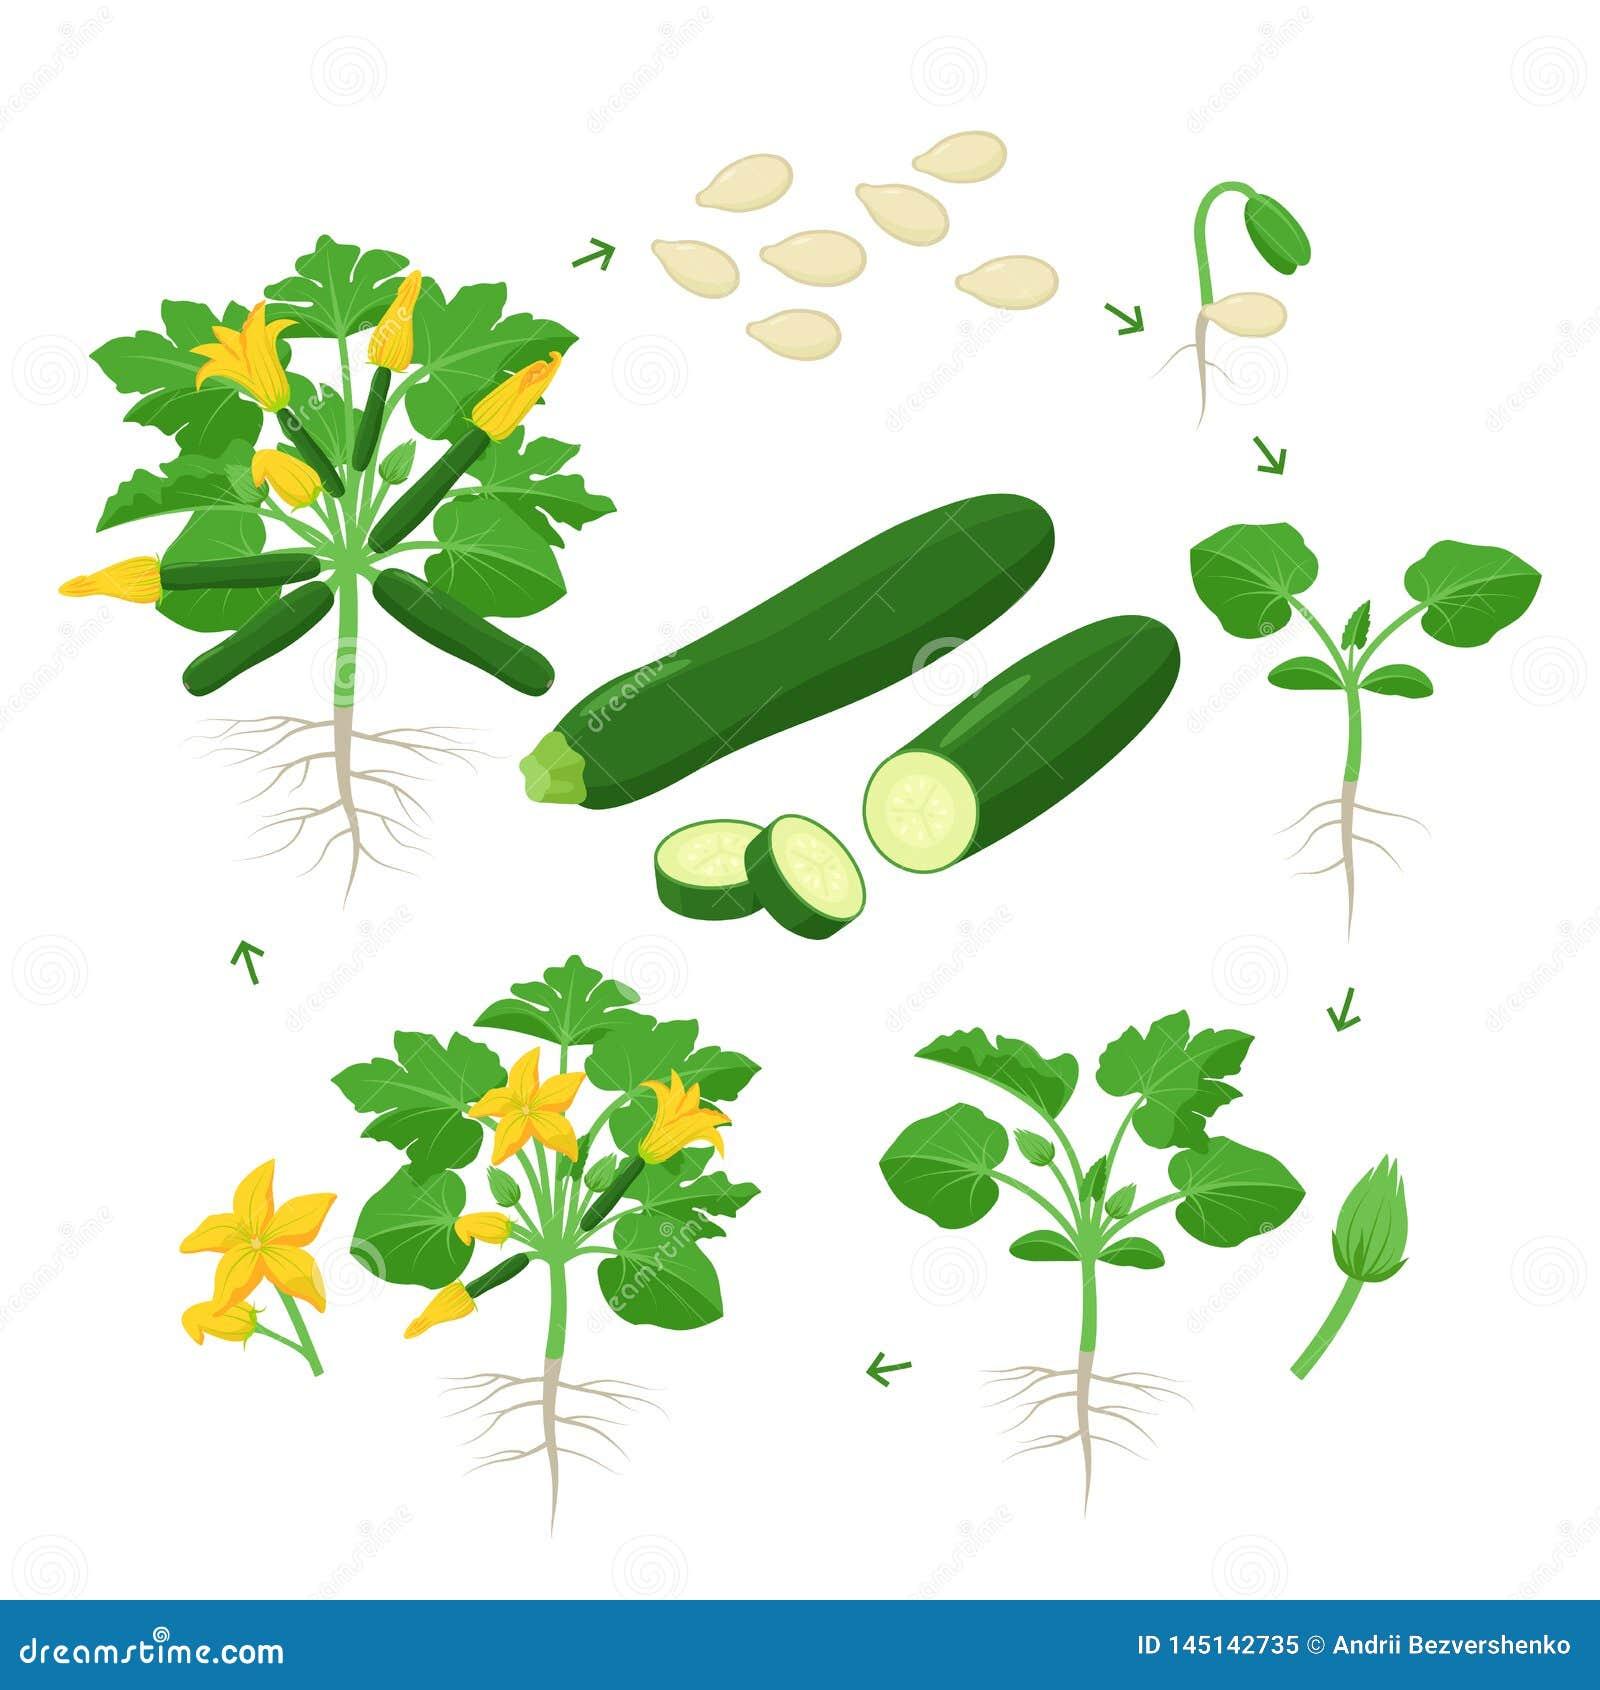 Αύξηση φυτών κολοκυθιών από το σπόρο, το νεαρό βλαστό, το άνθισμα και το ώριμο φυτό με τα ώριμα φρούτα Κύκλος ζωής του διανύσματο